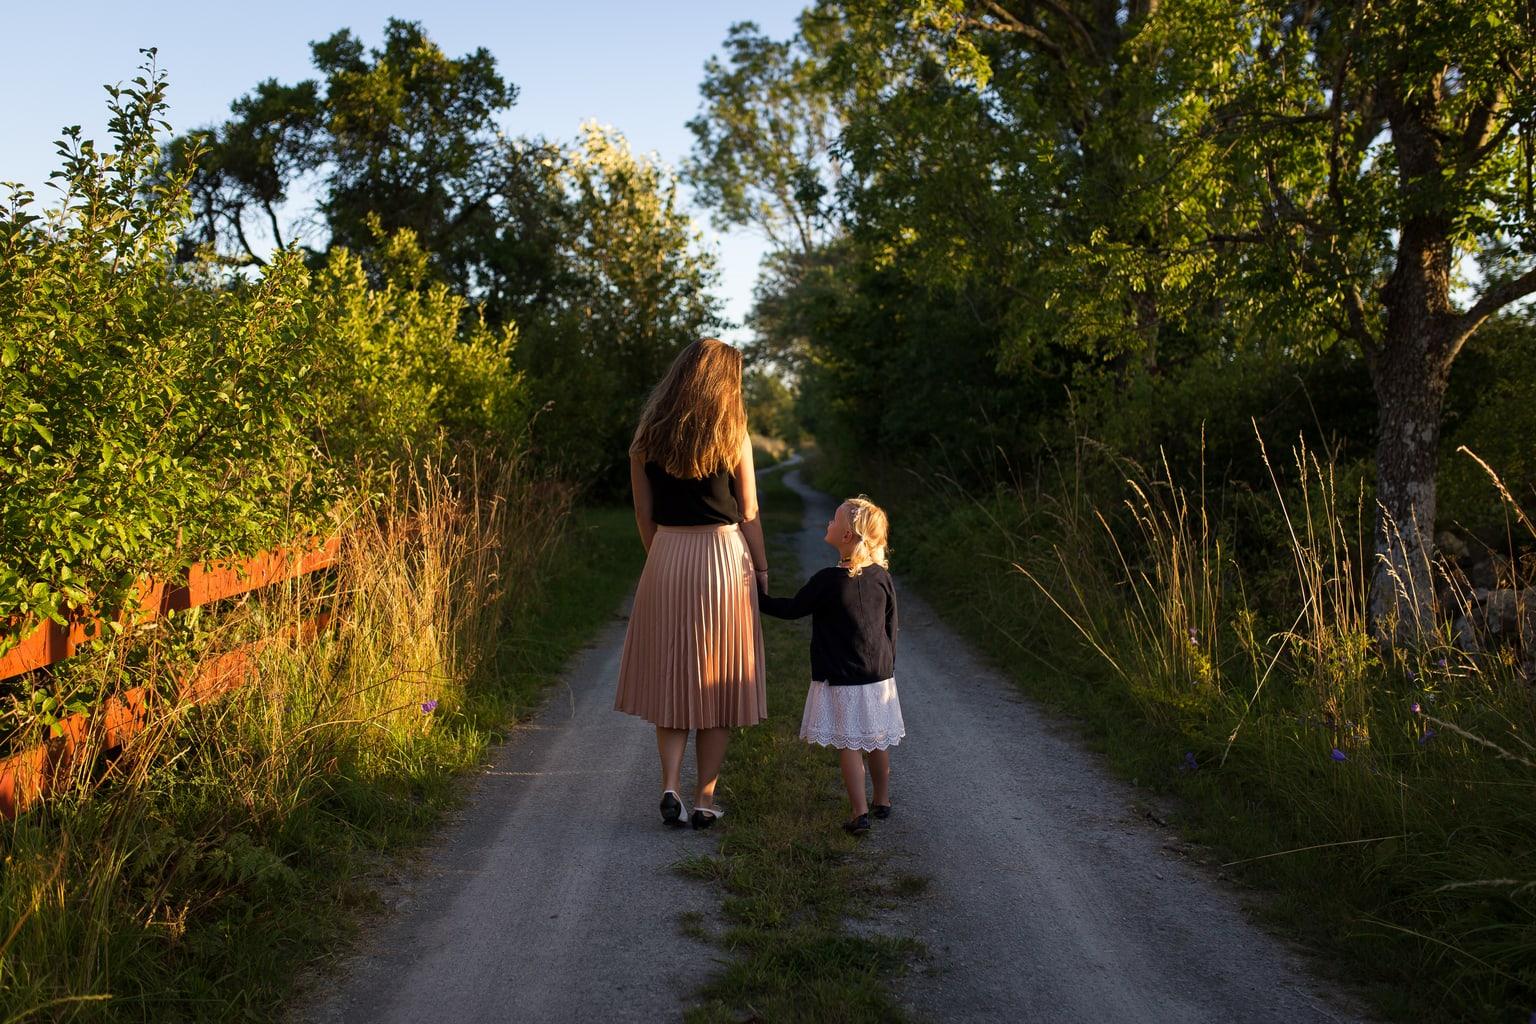 fotografía paisaje madre con su hija